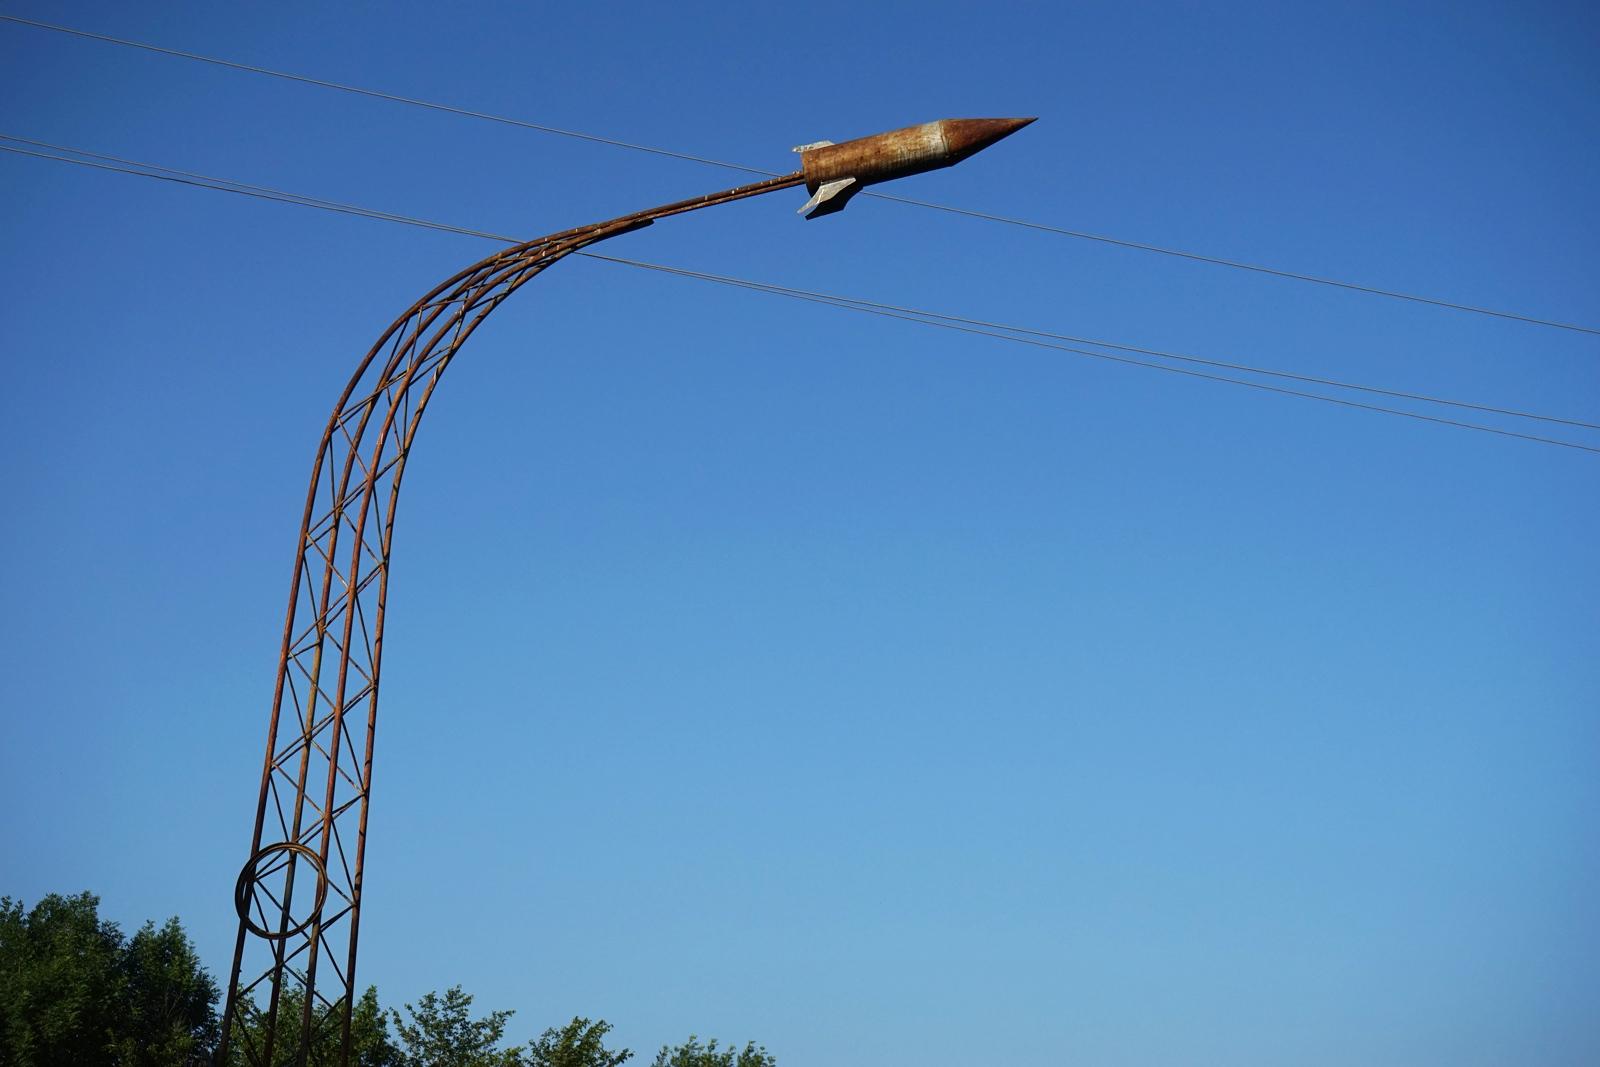 <p>Missile, Missile, Soviet era monuments...